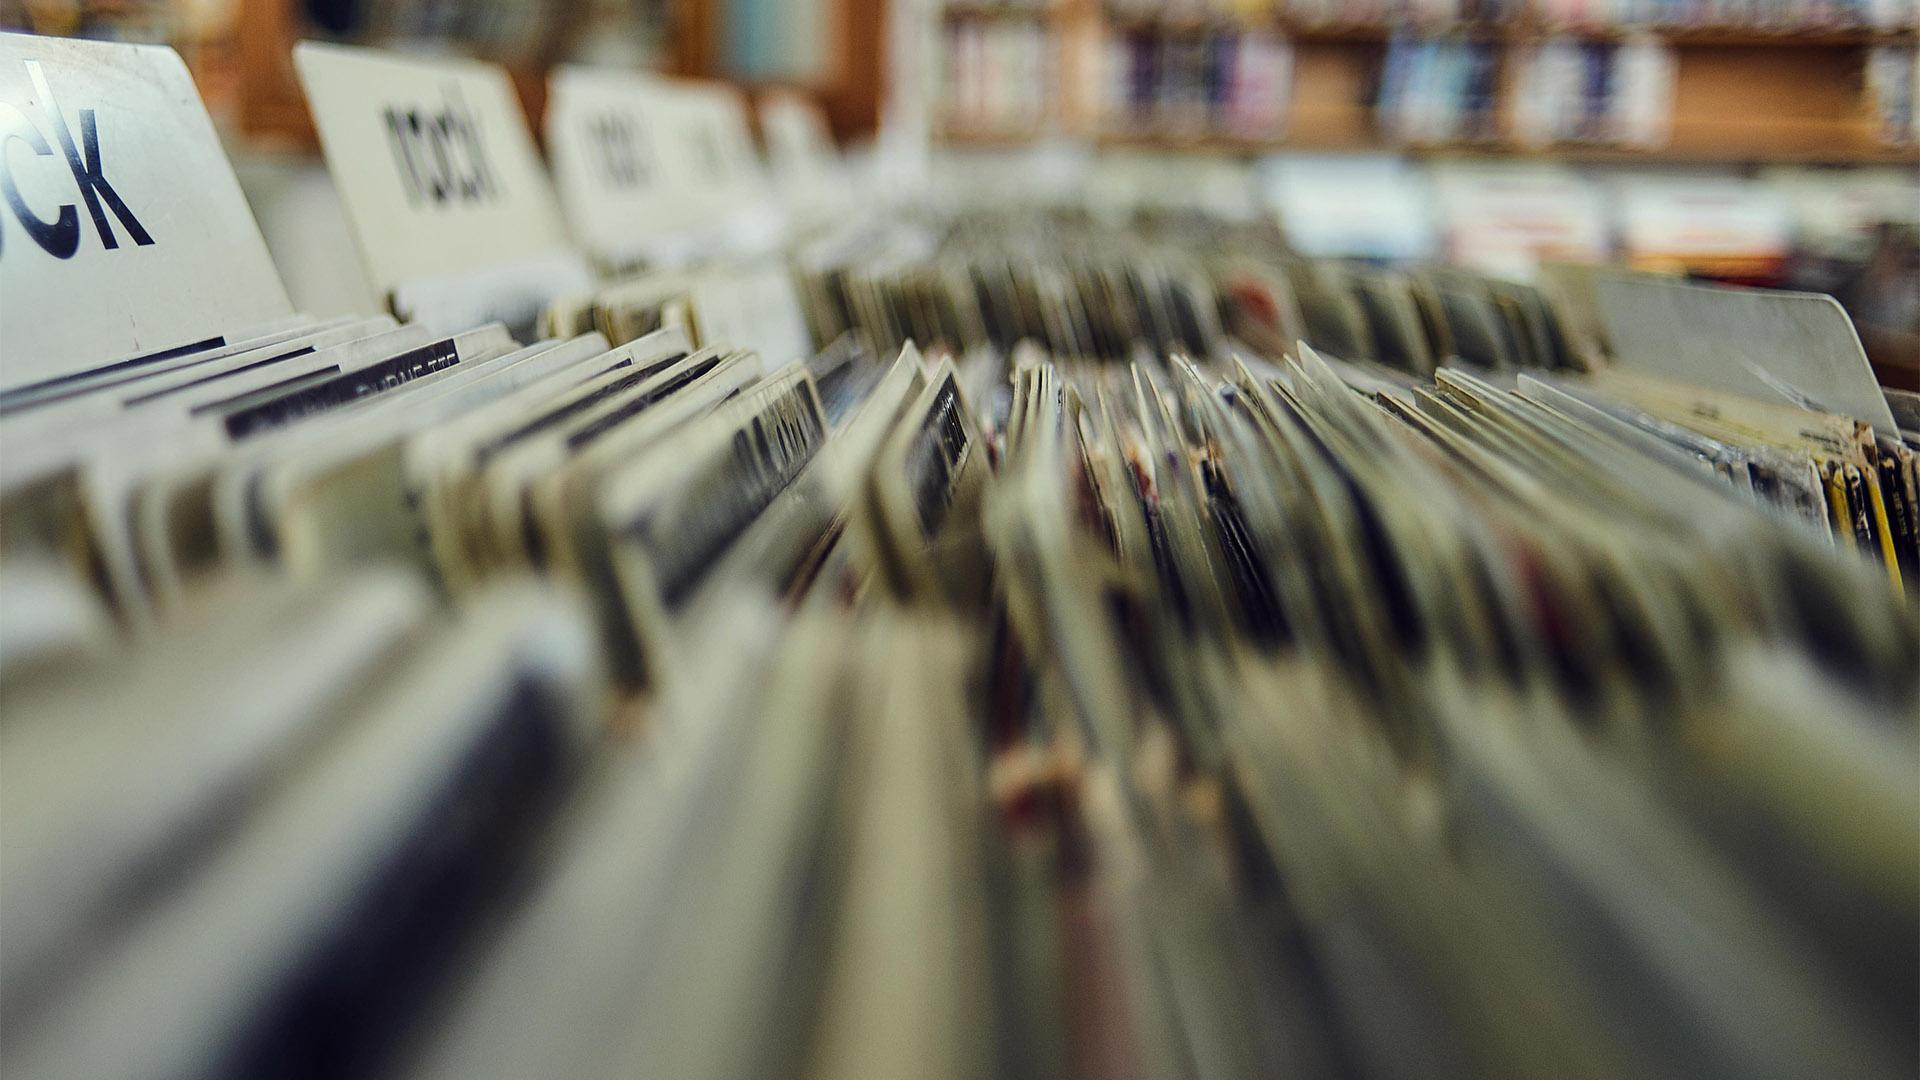 Sortiertes Schallplattenregal als Symbolbild für Content Management System.